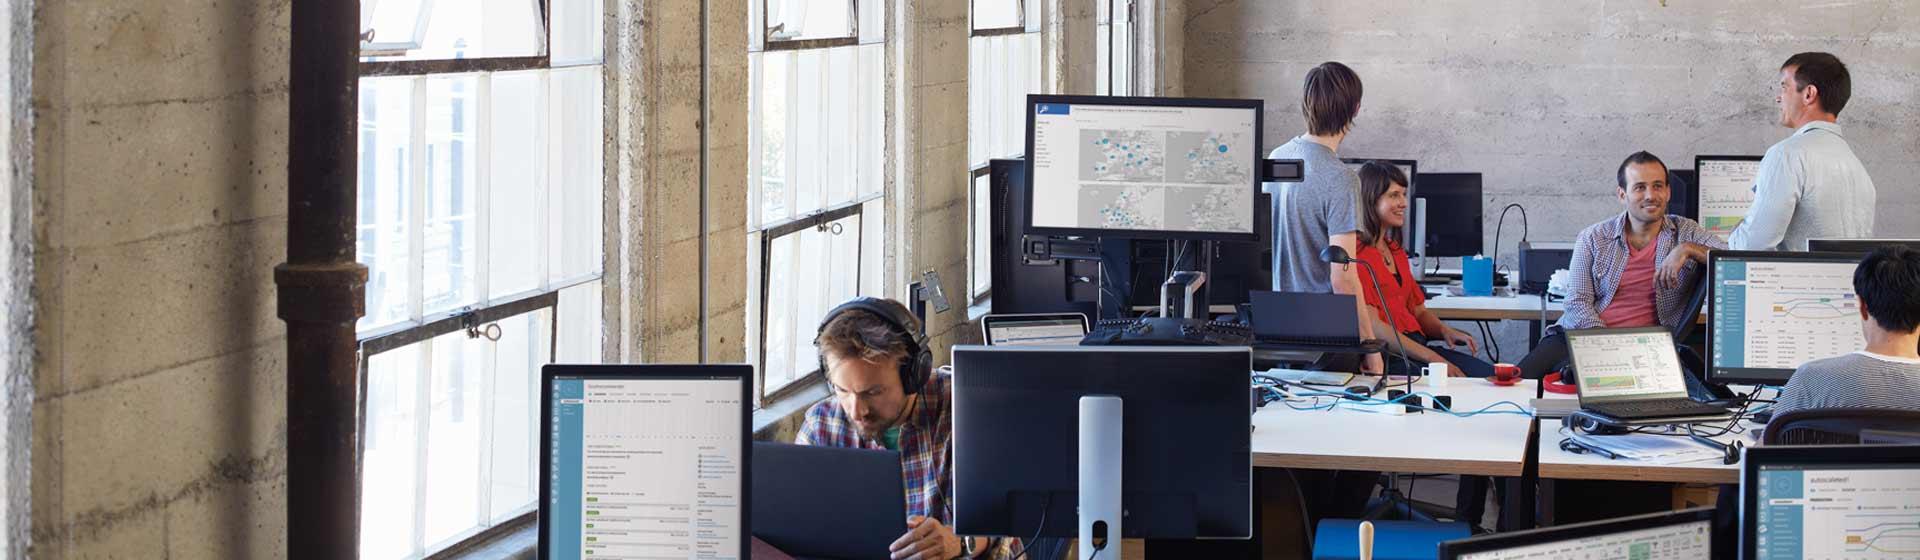 Một nhóm đồng nghiệp đang ngồi và đứng xung quanh bàn làm việc của họ trong một văn phòng có nhiều máy tính đang chạy Office 365